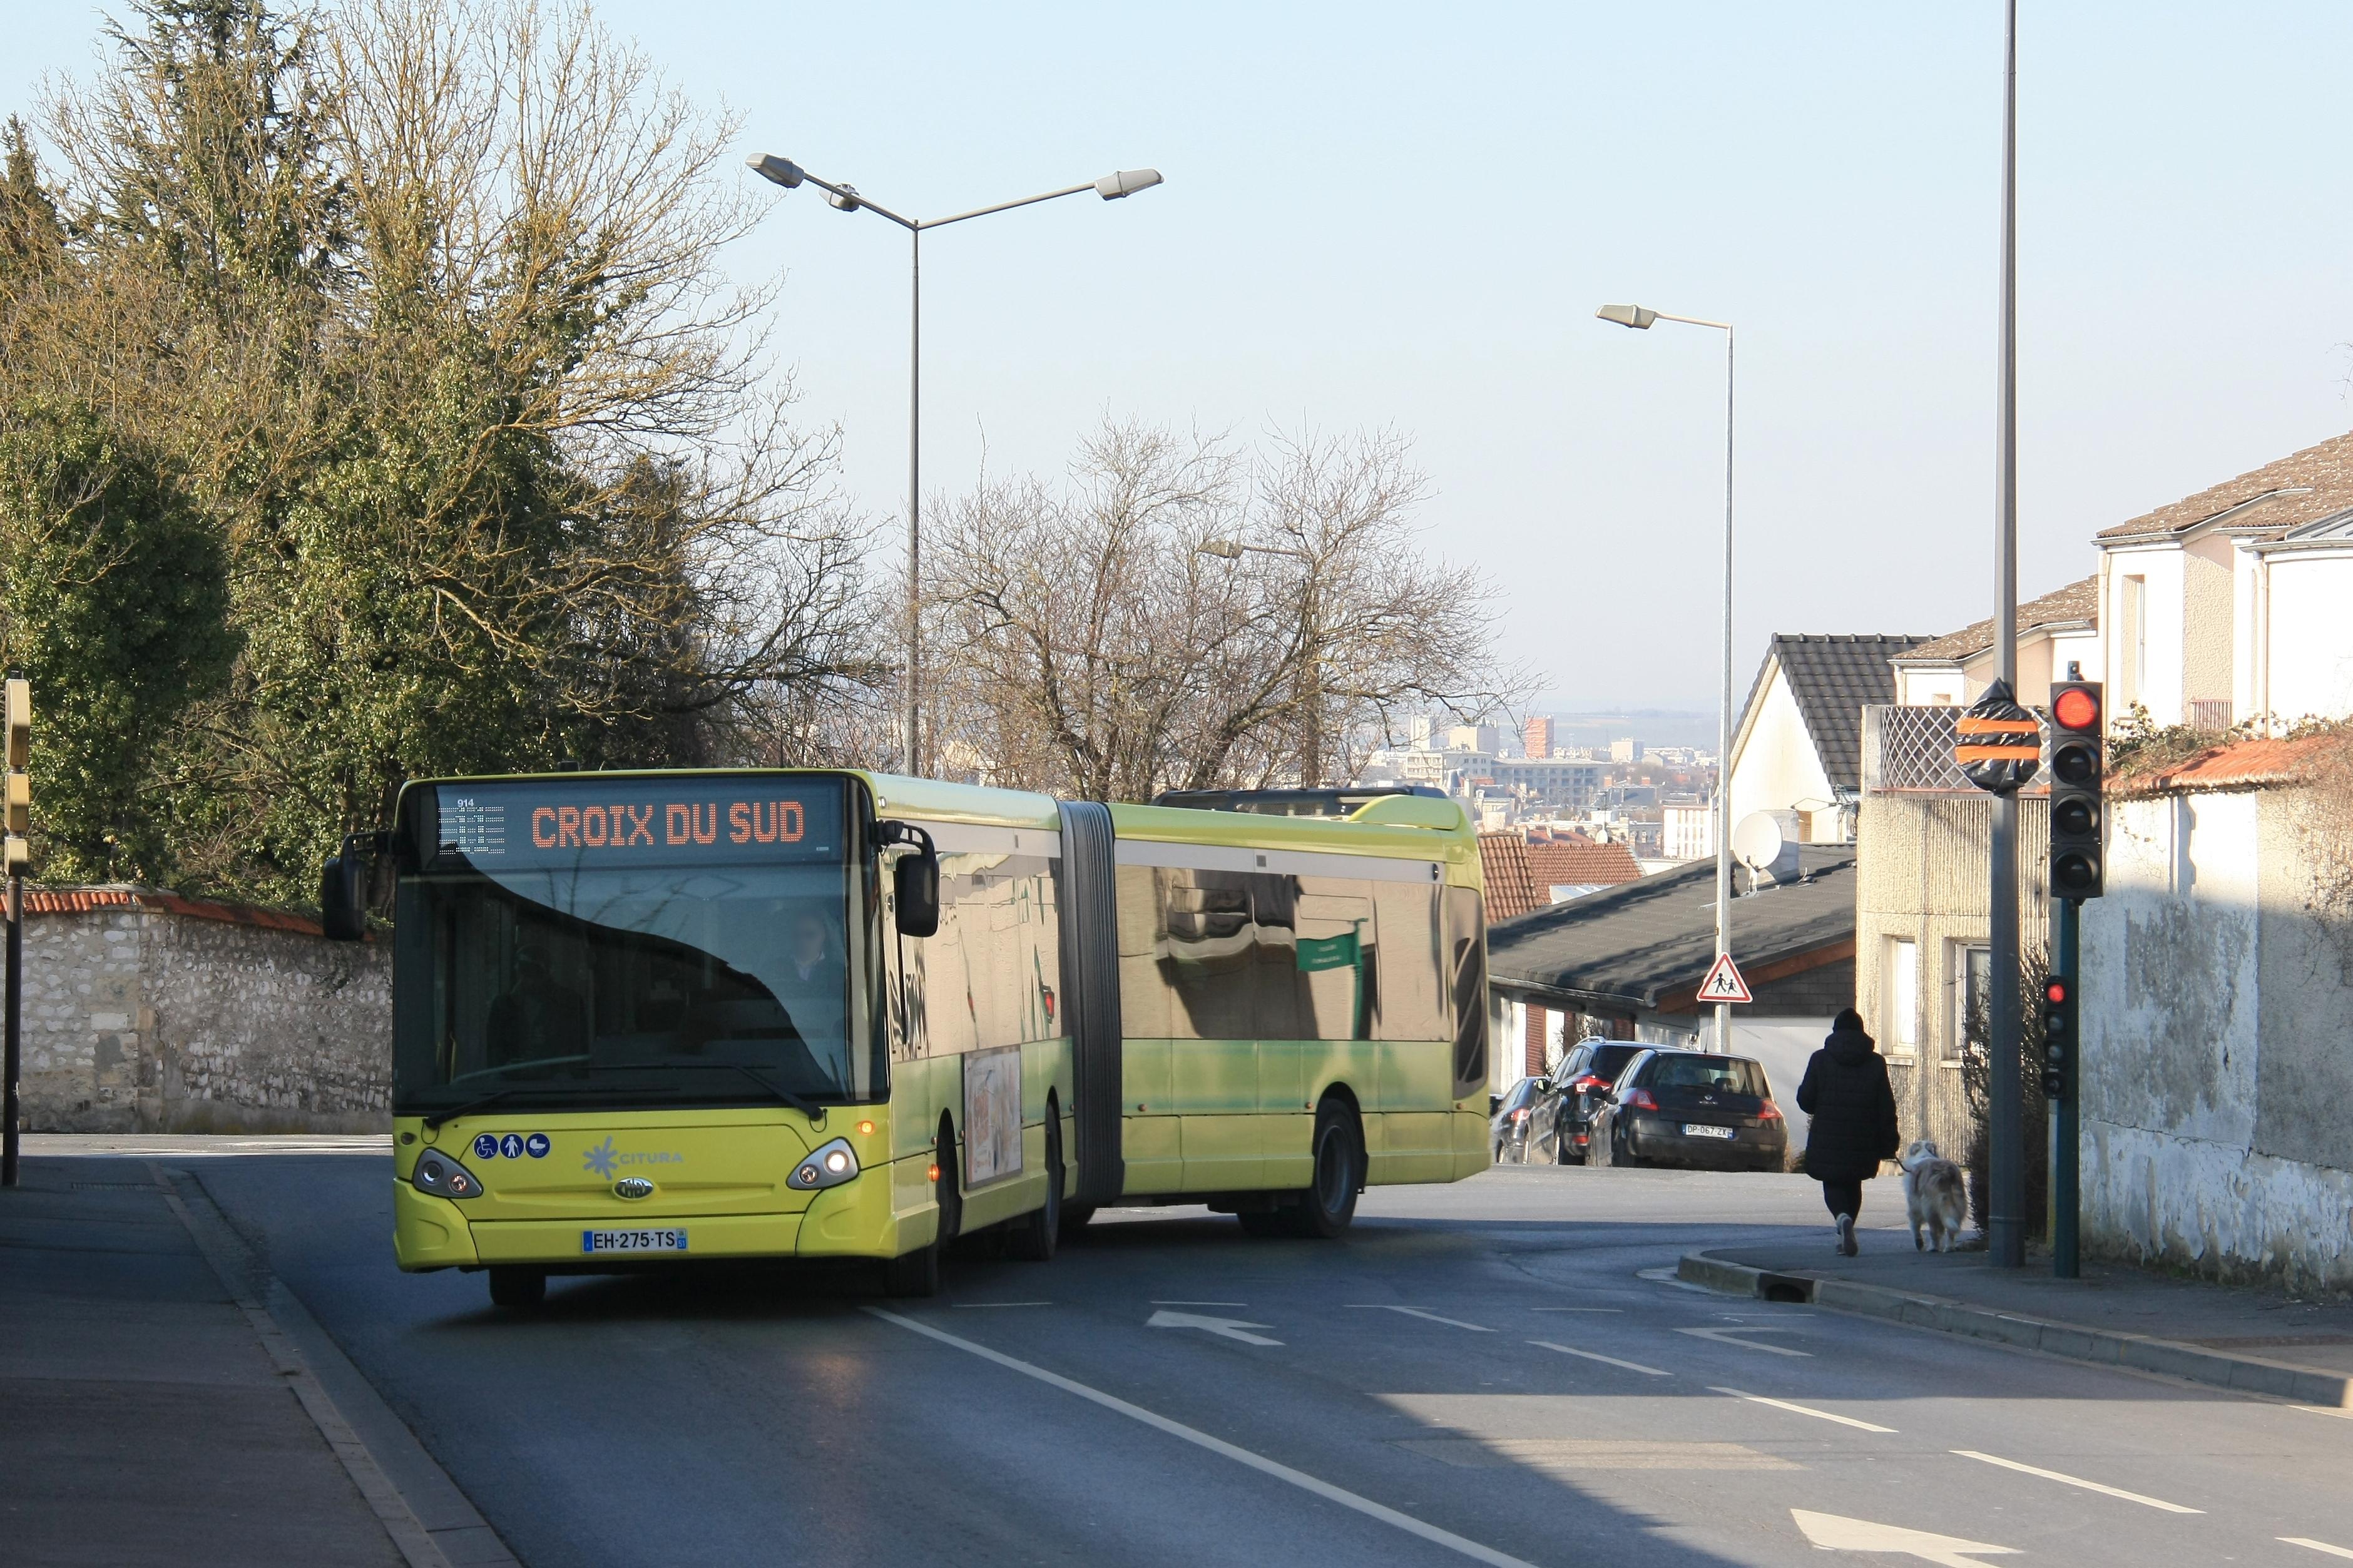 Citura - heuliez bus gx437 n°914 - ligne 11 photo